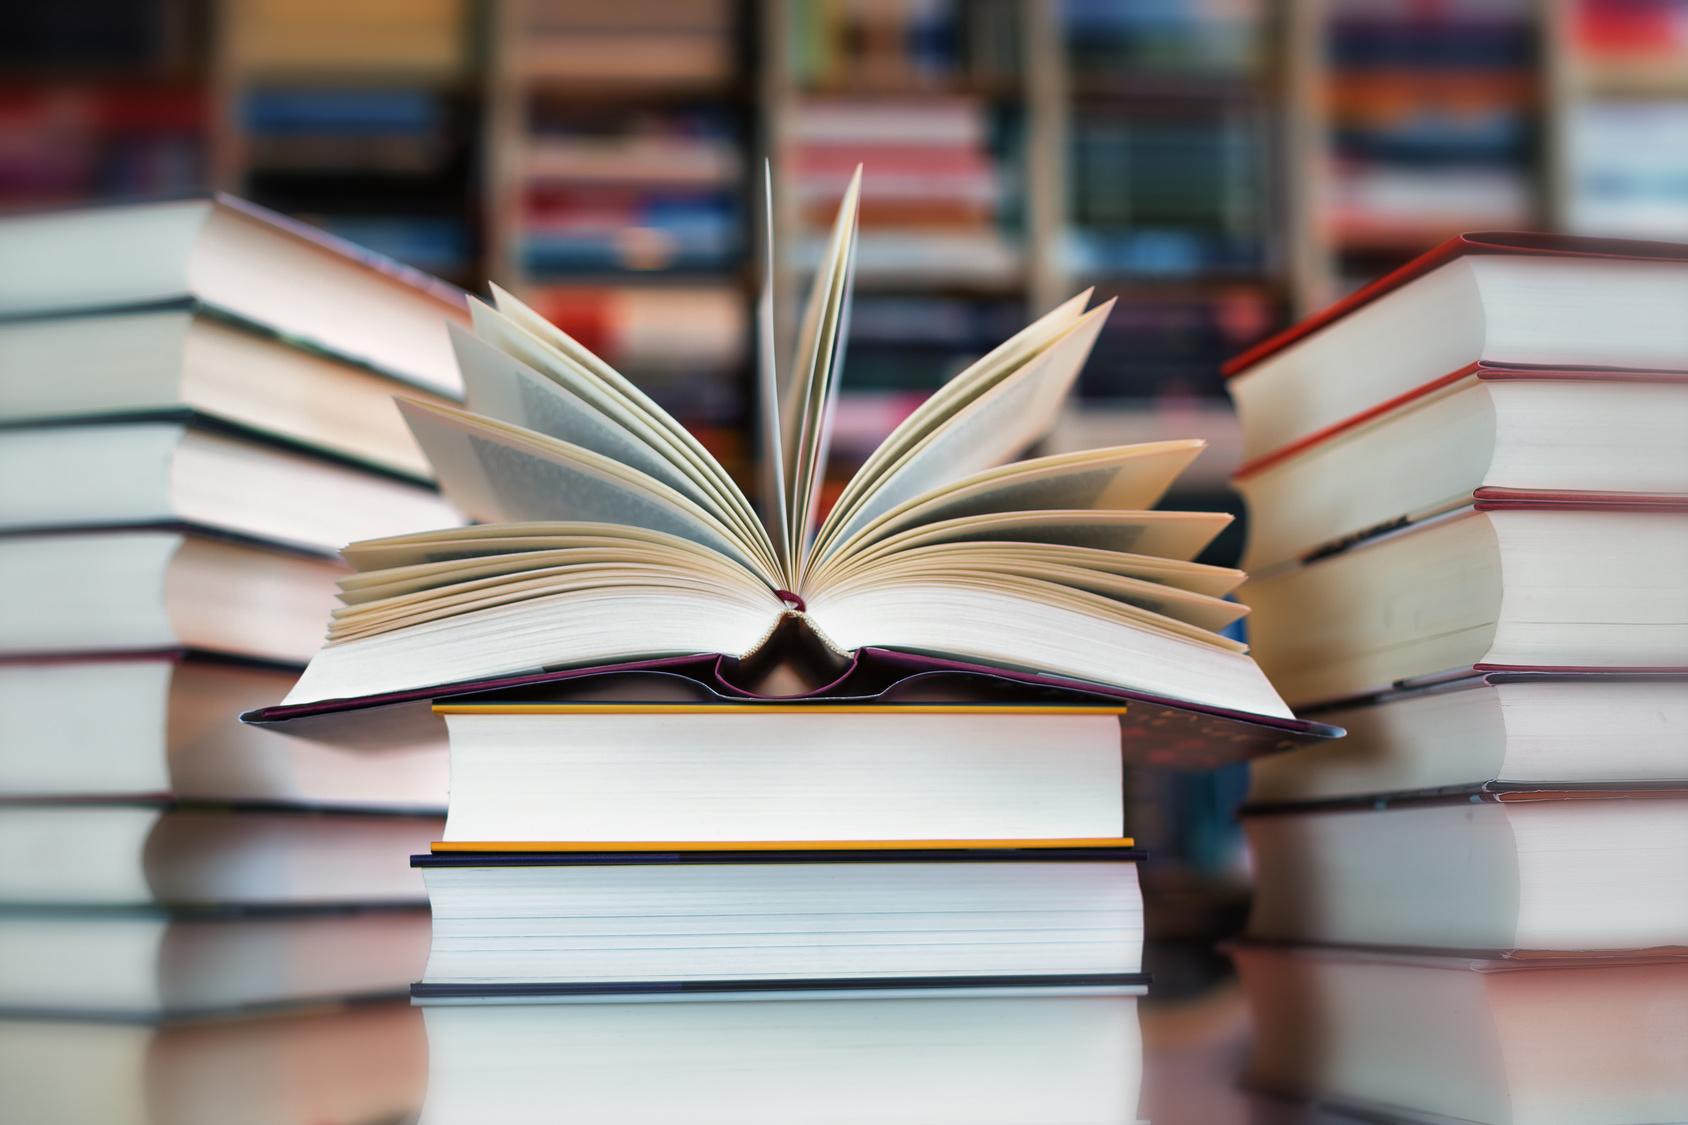 Bücherstapel mit Vignette